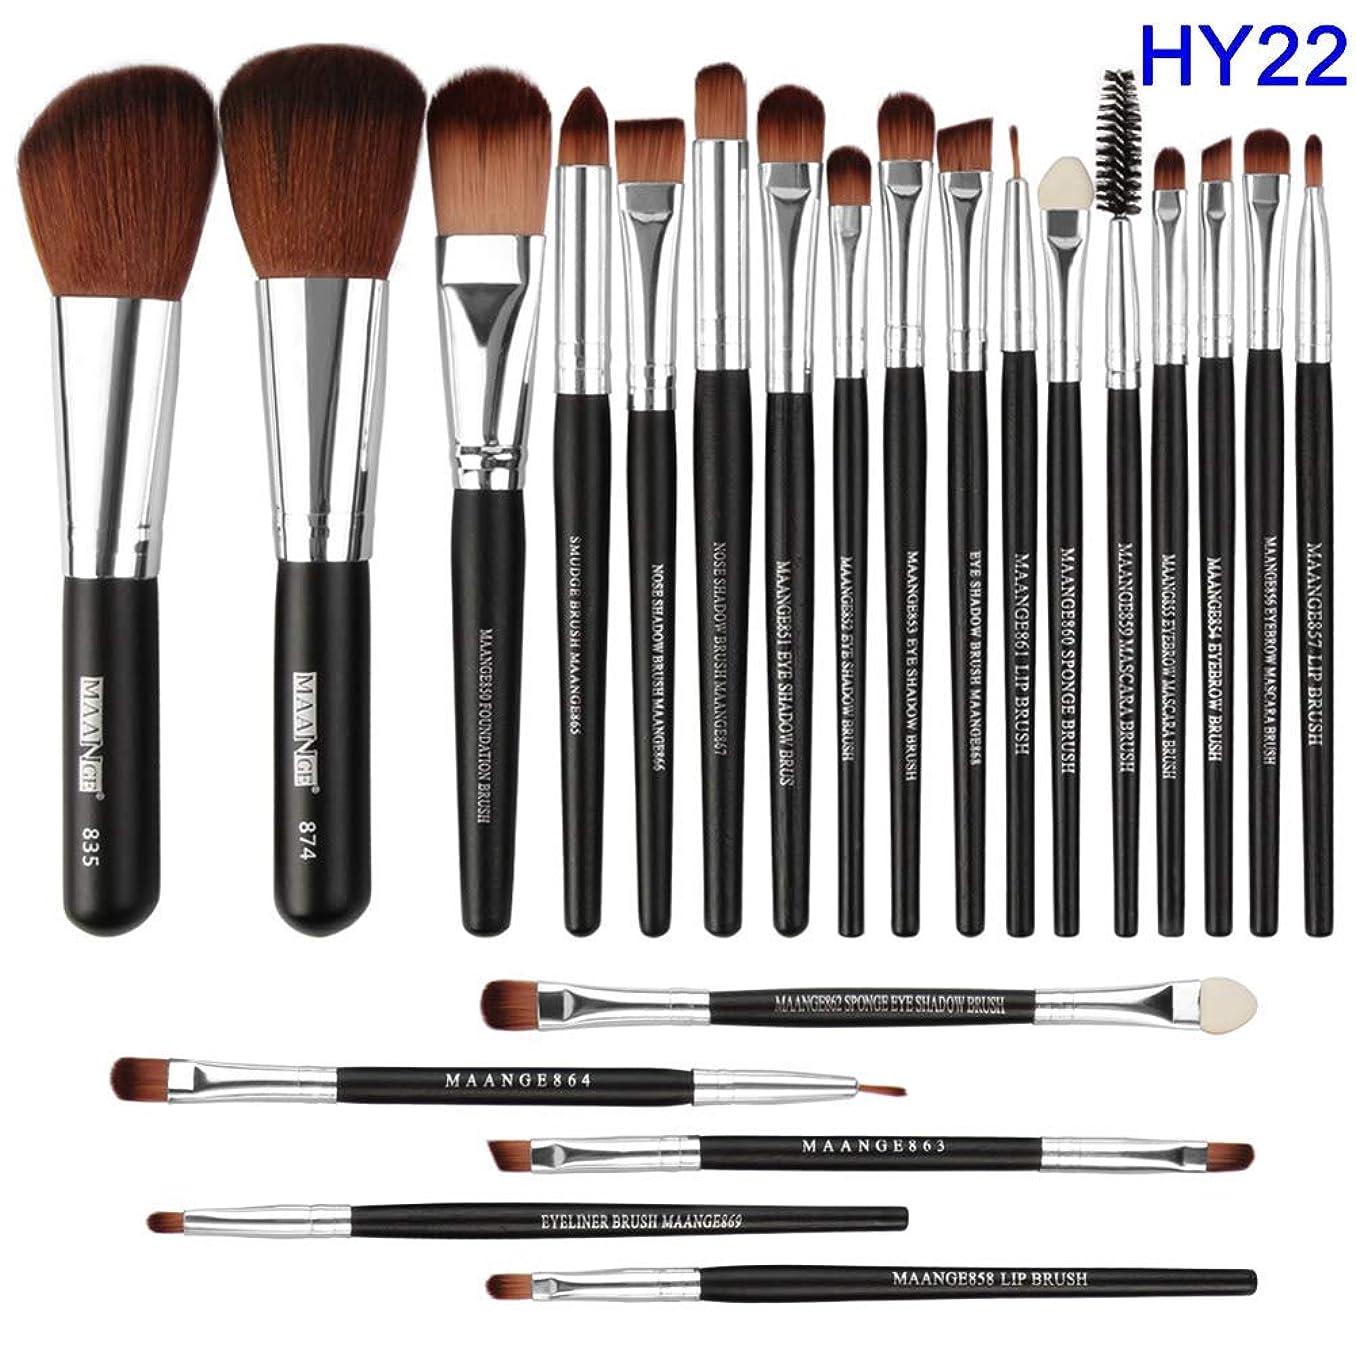 Symboat メイクブラシ 化粧筆 22本 メイクブラシセット 木製ハンドル コスメブラシ 多機能 毛質ふわふわ 優しい肌触り 乾きが速い 日常の化粧 旅行便利 プレゼントに最適 美容ツール